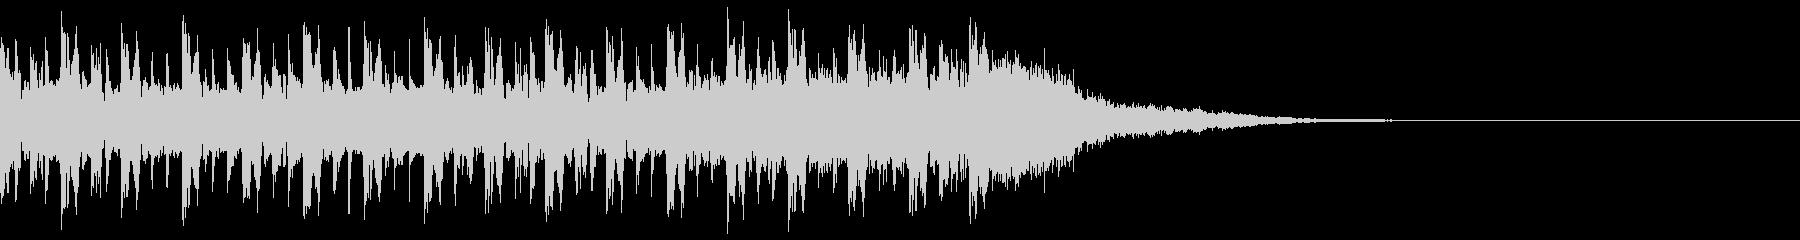 導入BGM ラジオの未再生の波形